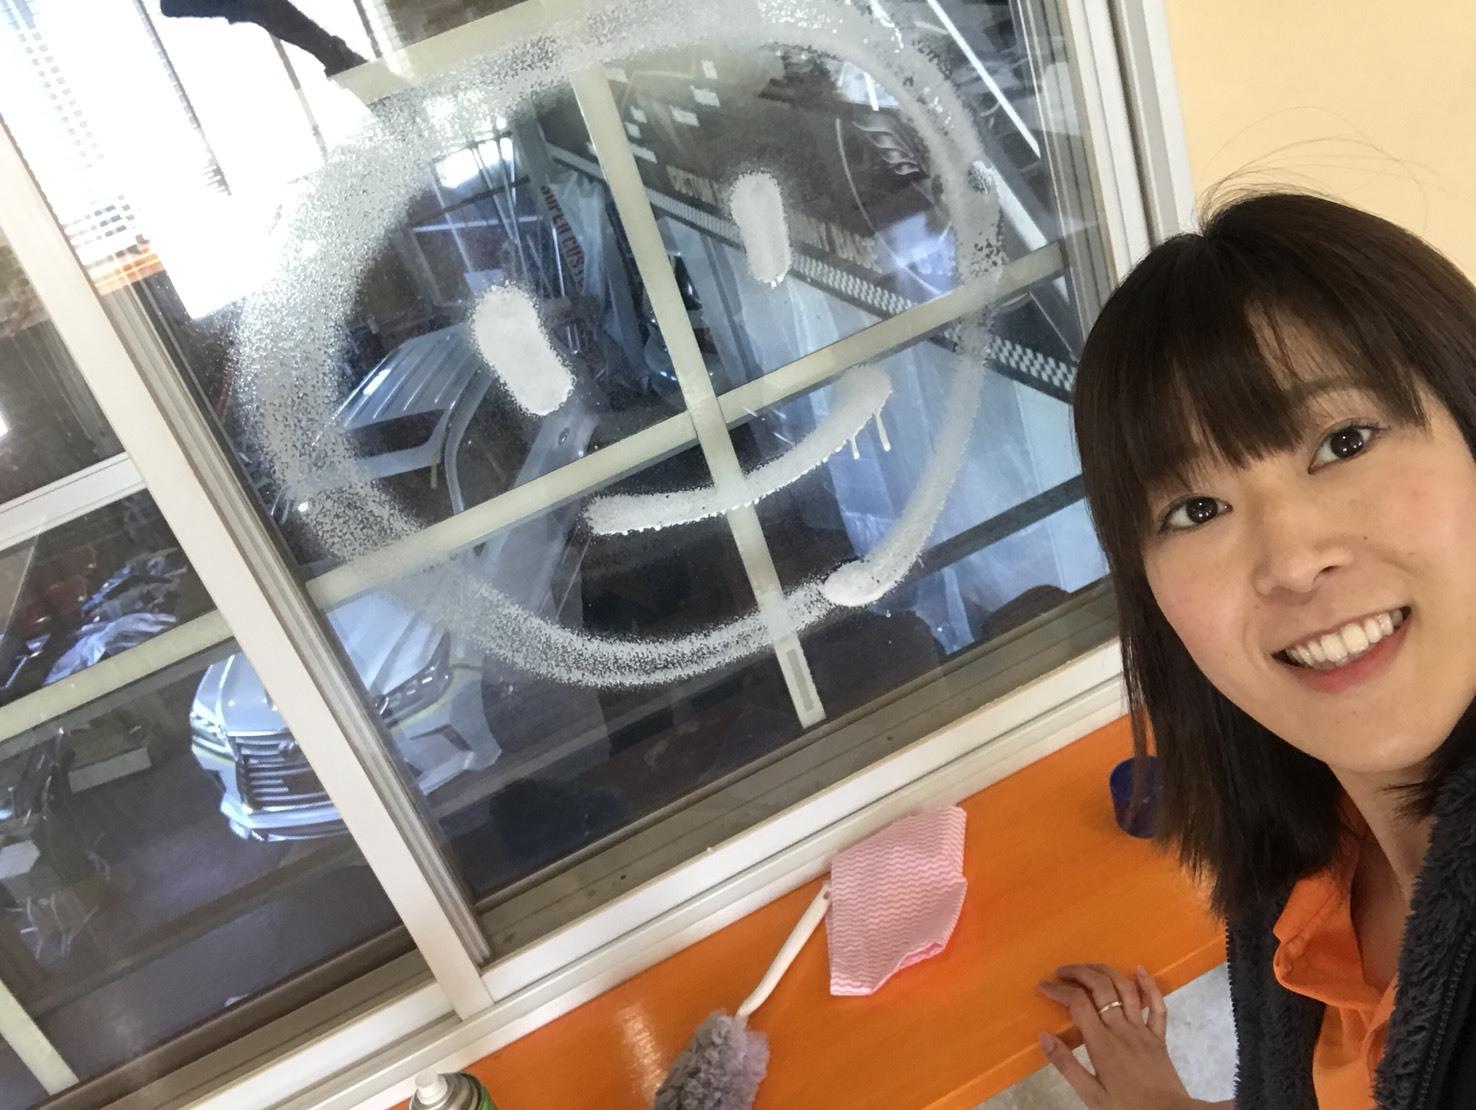 6月18日(月)トミーベース カスタムブログ☆Y様プリウスα☆M様ワゴンRが納車となりました☆_b0127002_11250622.jpg